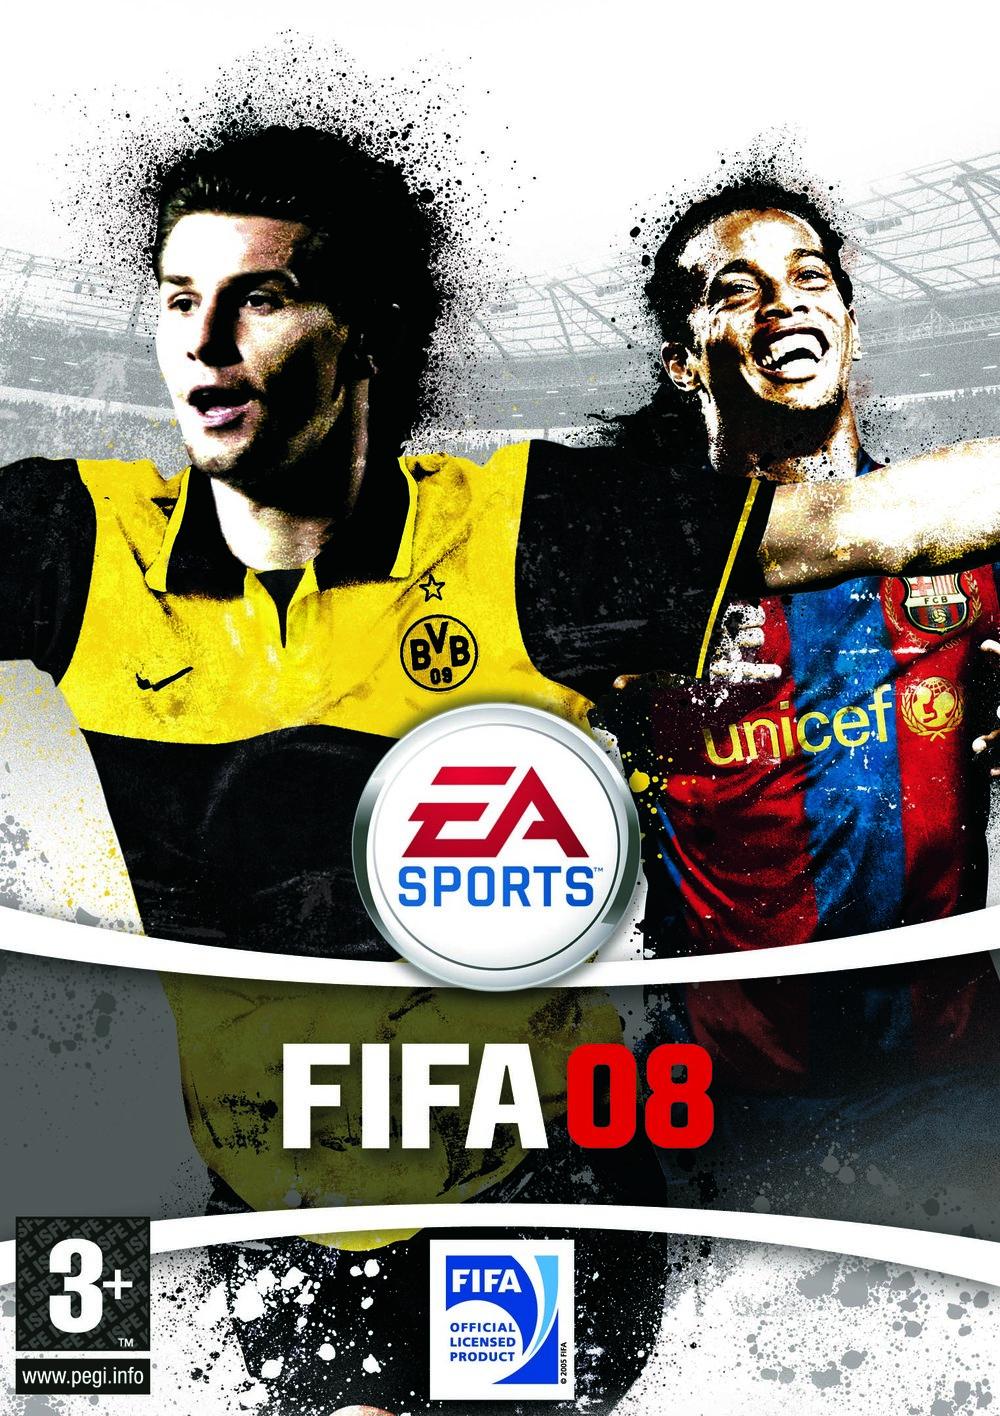 FIFA08genPFTpol.jpg